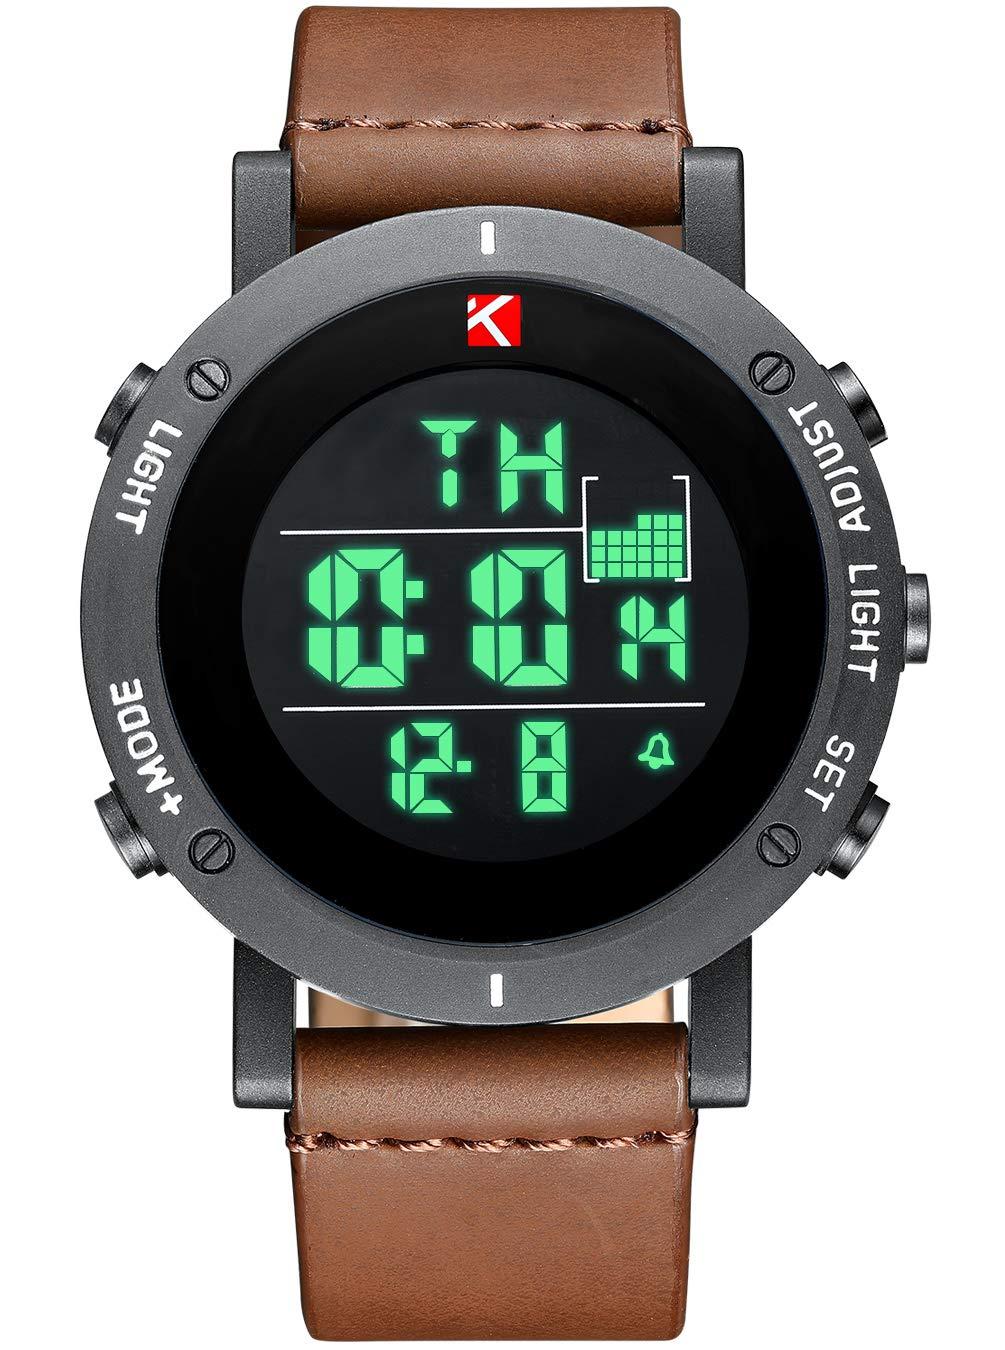 Herren-Uhren-Mnner-Militr-Digital-Chronograph-Wasserdichte-Sport-Uhr-Multifunktions-LED-Alarm-Tag-Datum-Kalender-Mode-Coole-Casual-Schock-Leder-Uhren-fr-Mnner-Jugendliche-Kinder